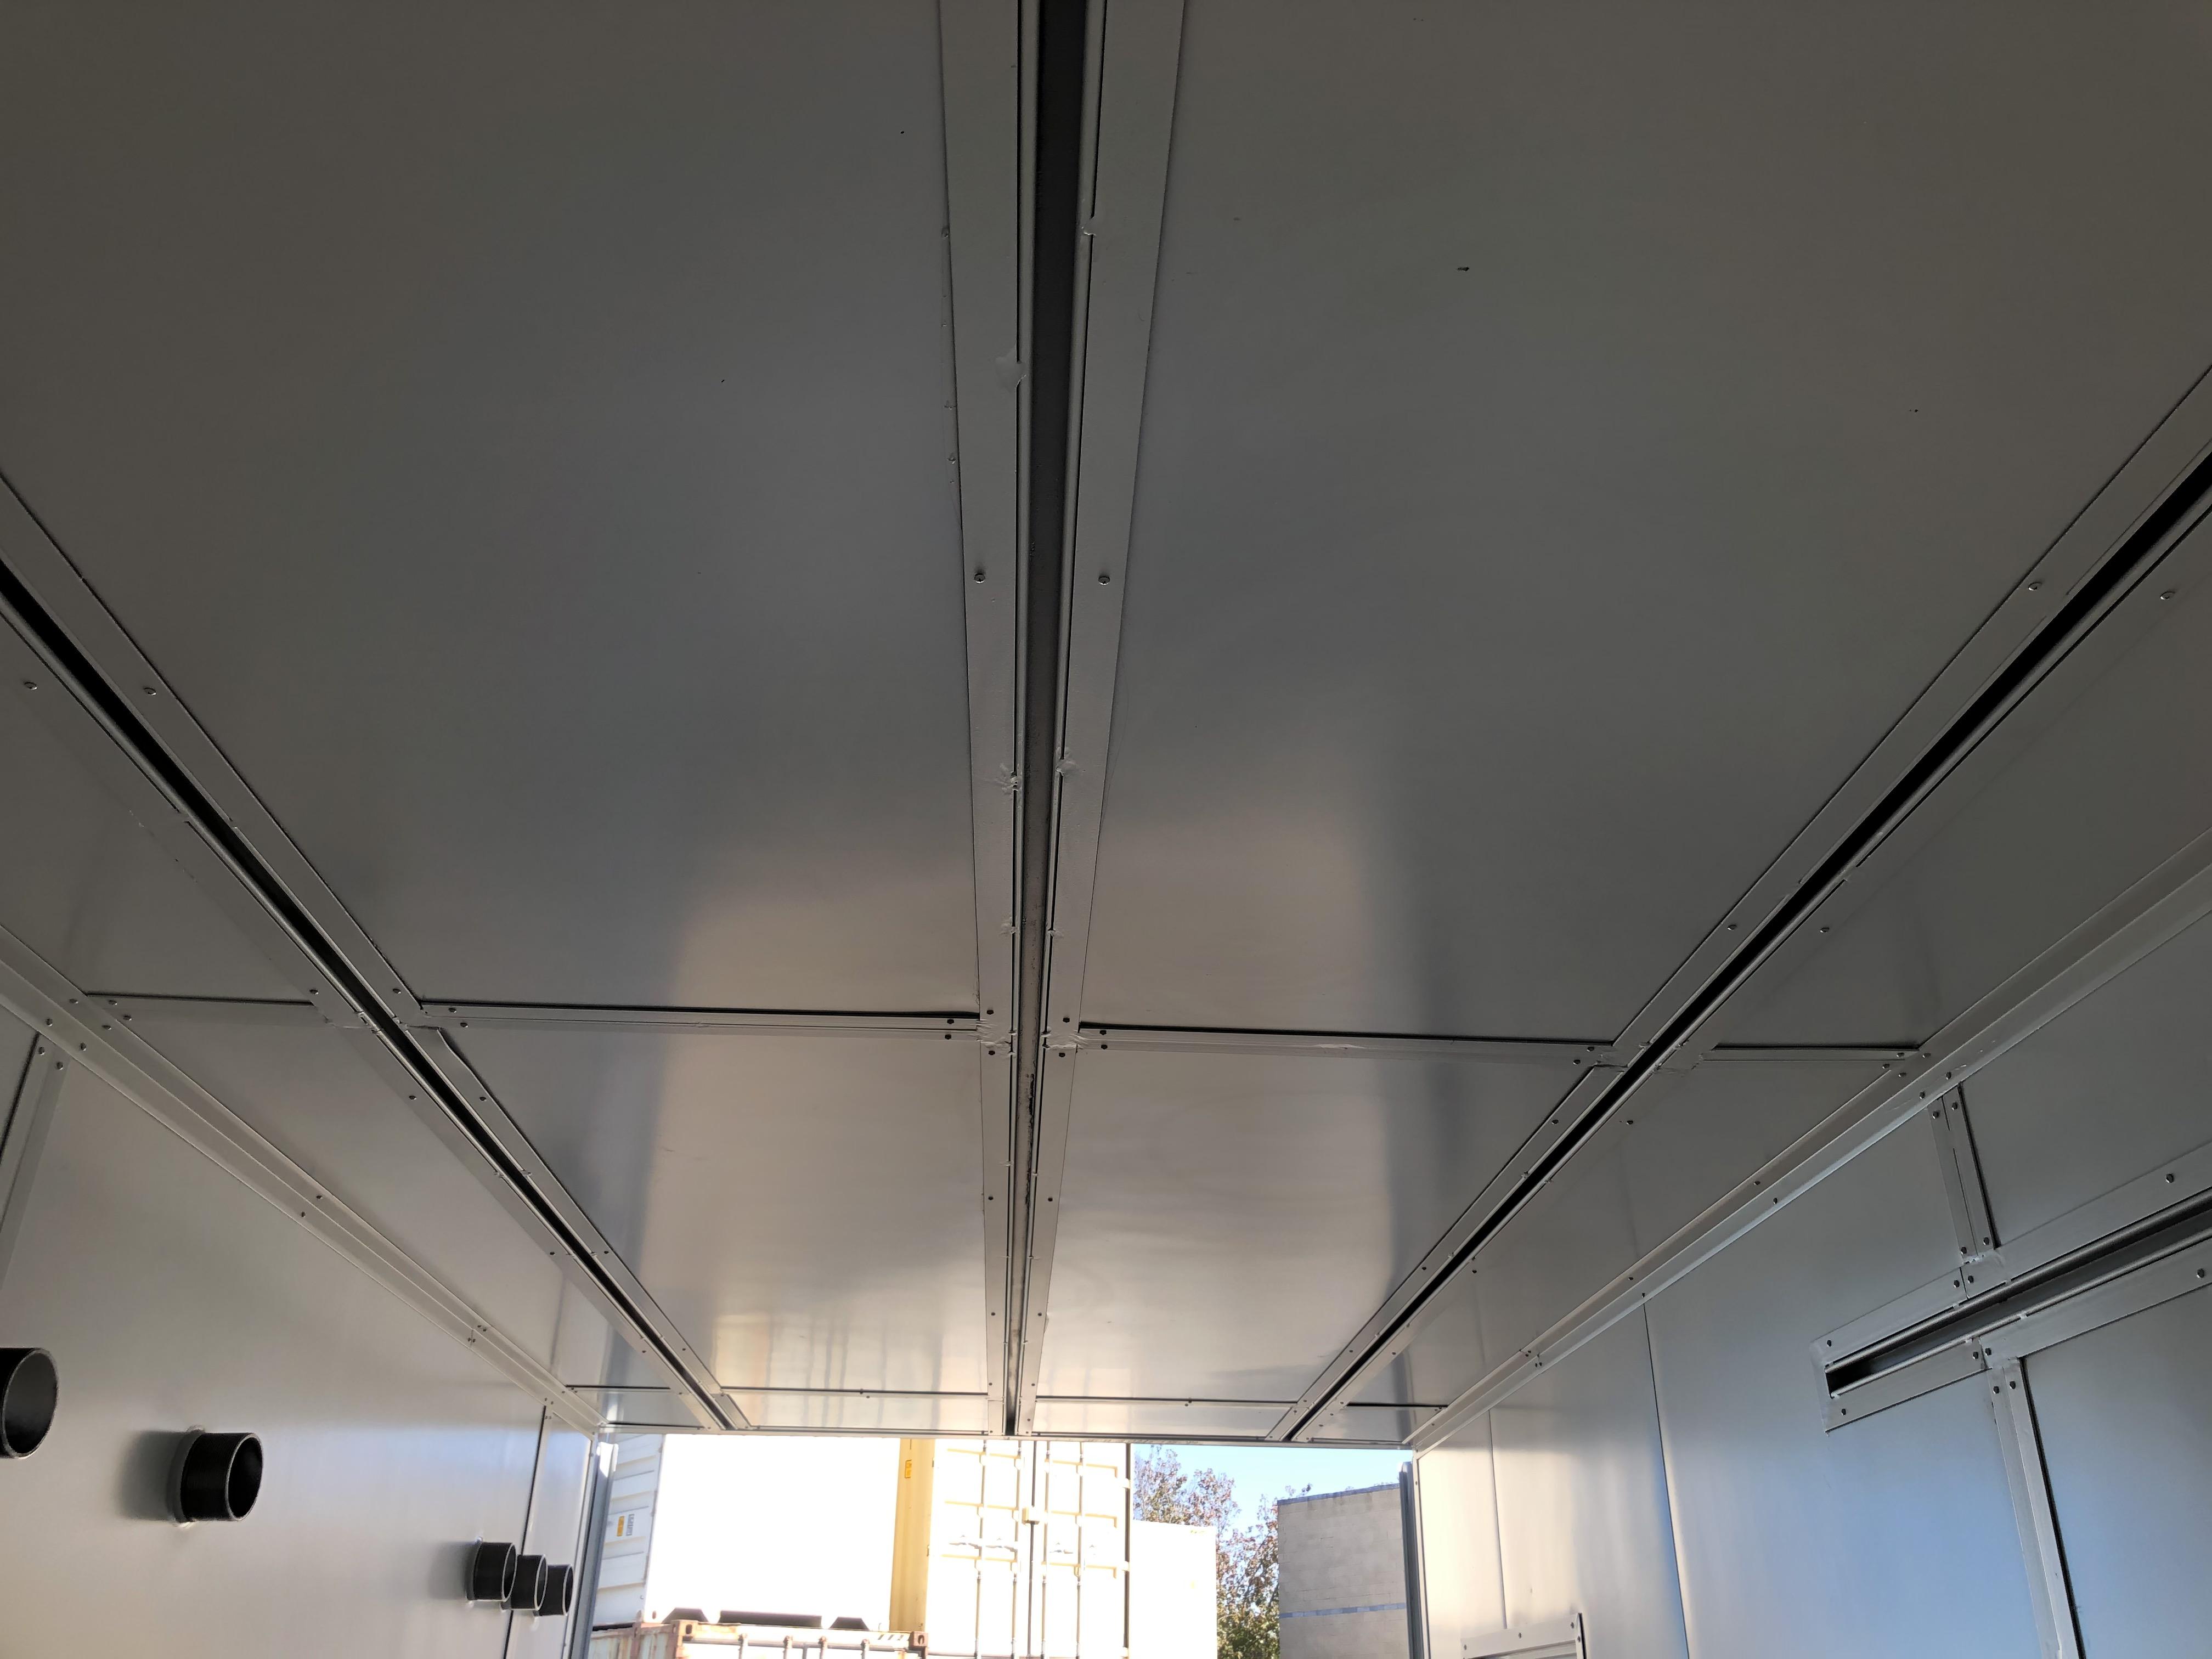 Interior Unistrut view